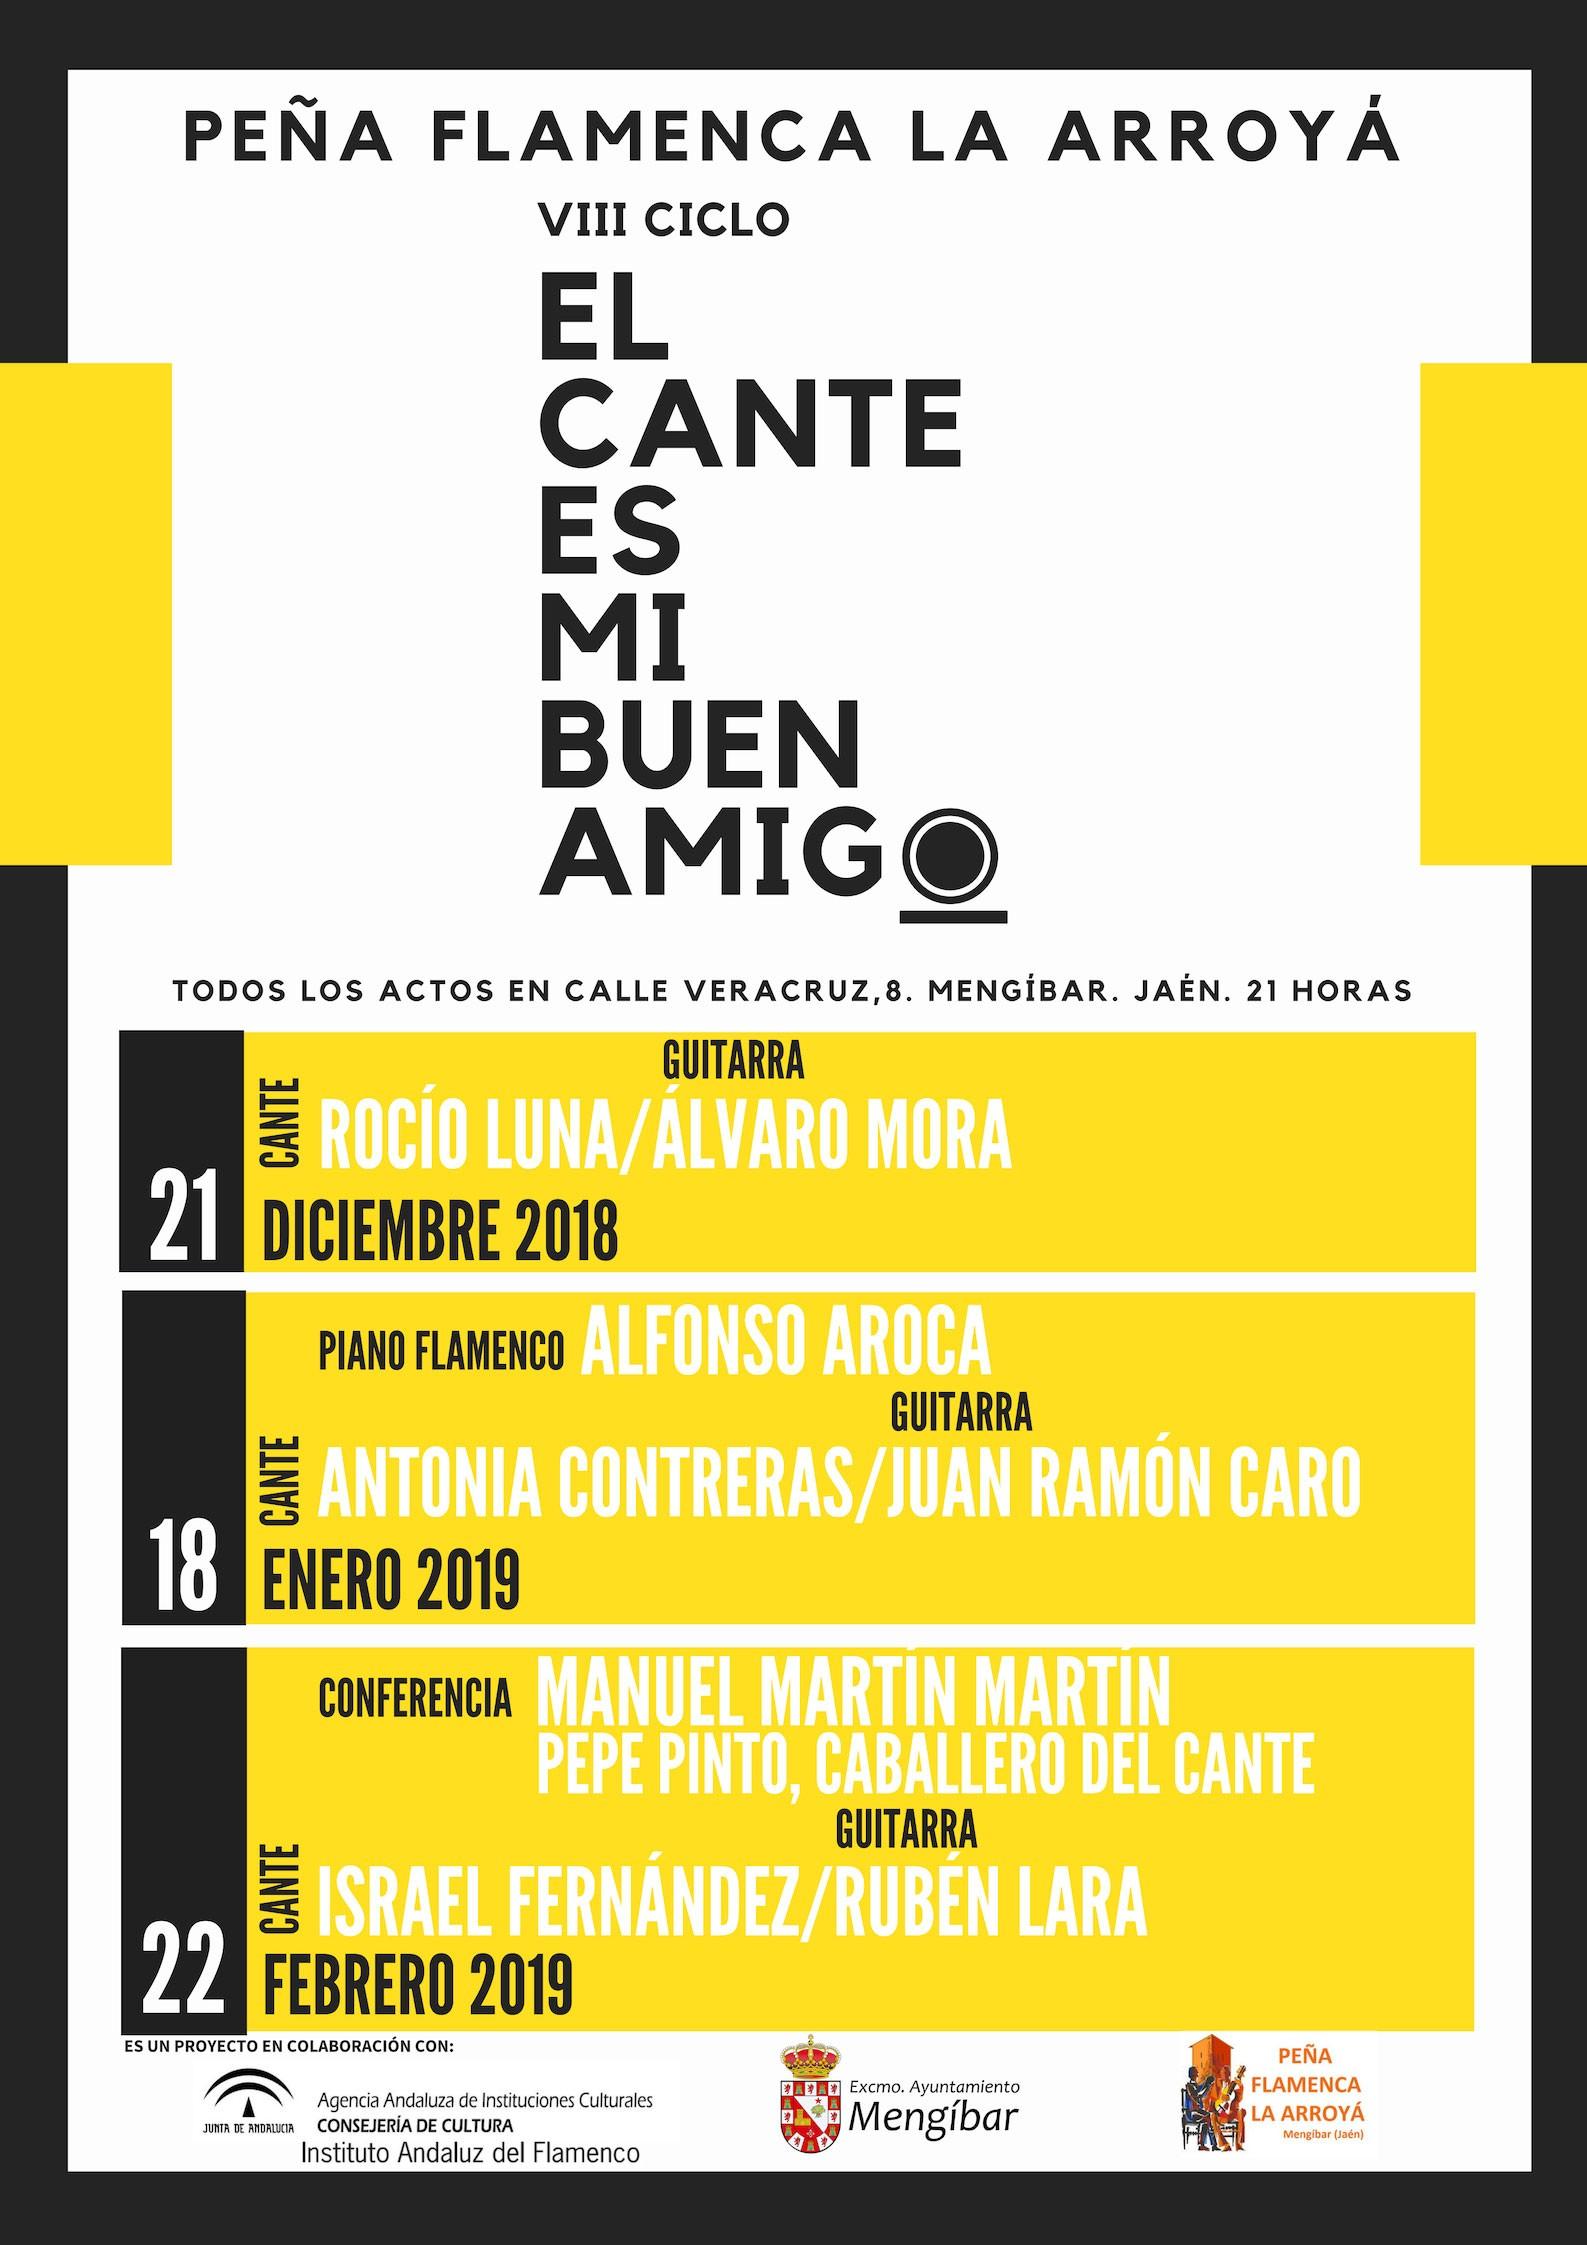 VIII CICLO EL CANTE ES MI BUEN AMIGO 2000